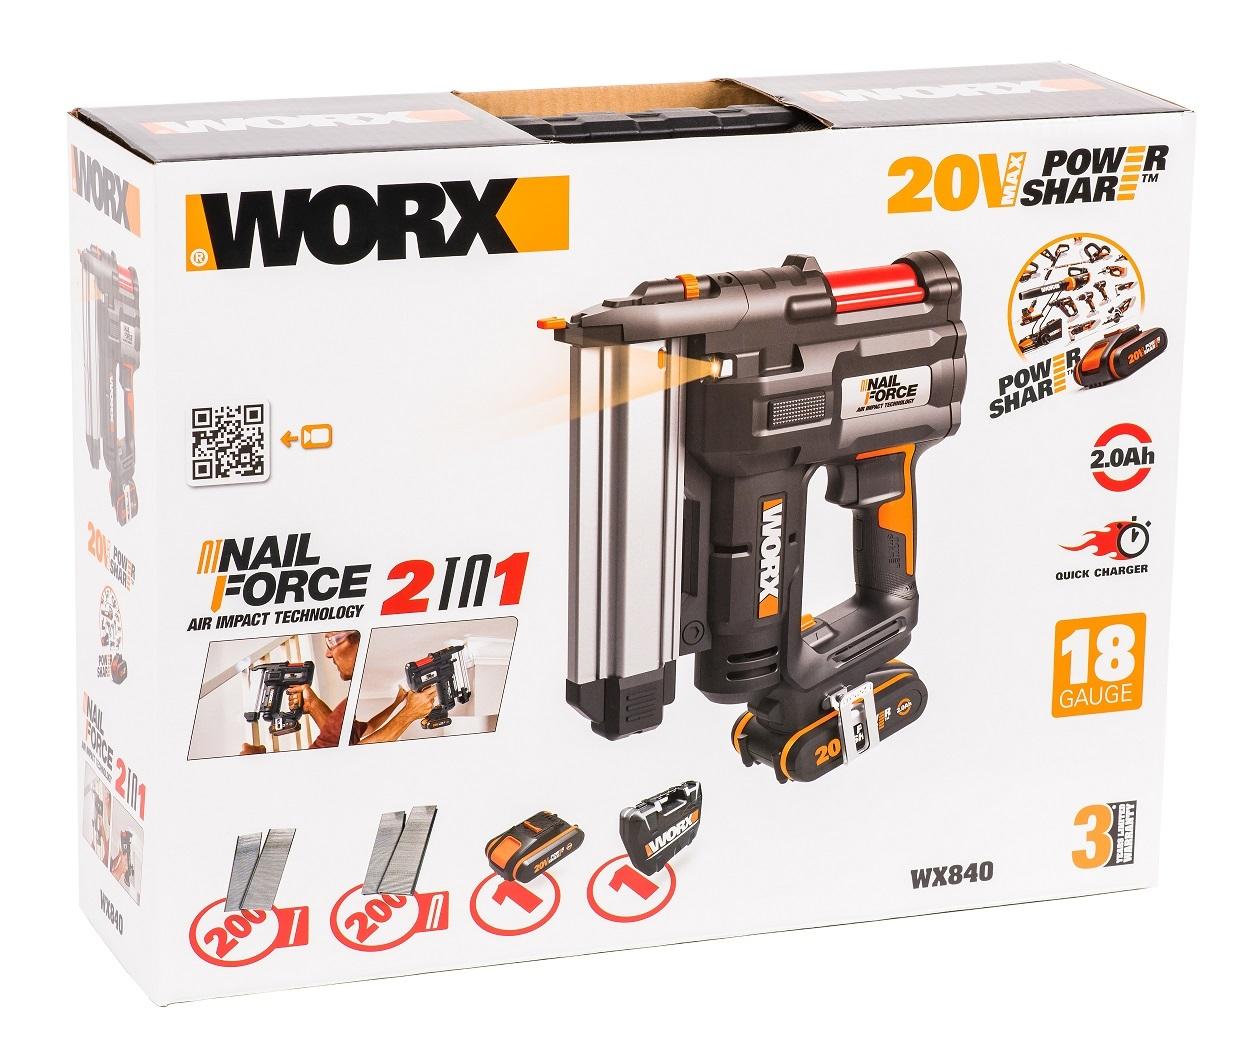 Аккумуляторный Гвозде-скобозабиватель WORX WX840 20В, 2Ач х1, ЗУ, кейс